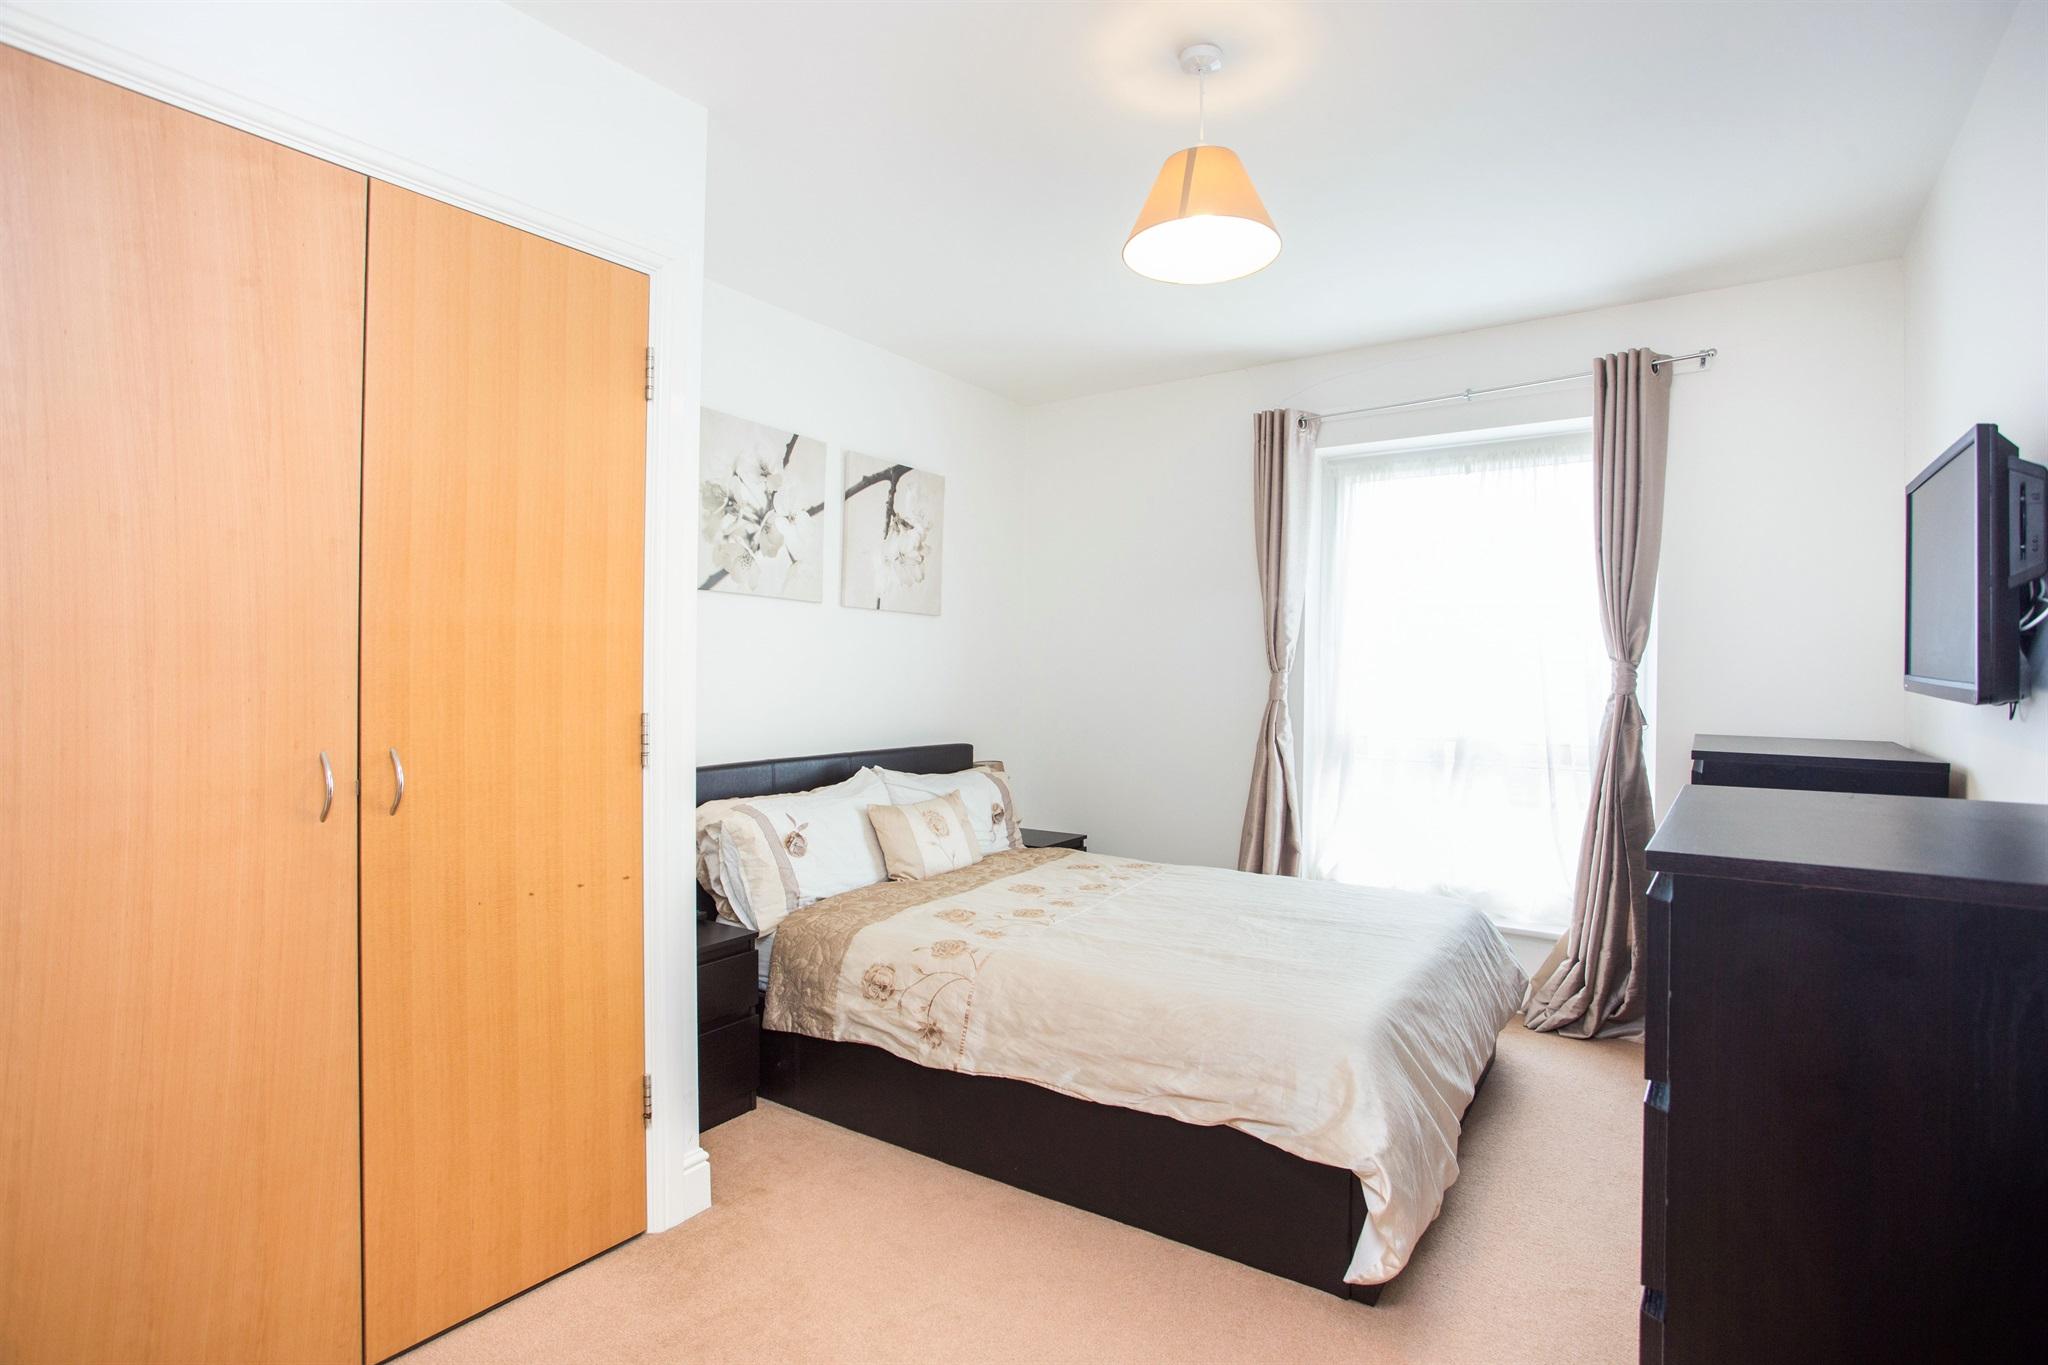 2 Bedroom Flat For Sale In Drinkwater Road South Harrow Harrow Ha2 London